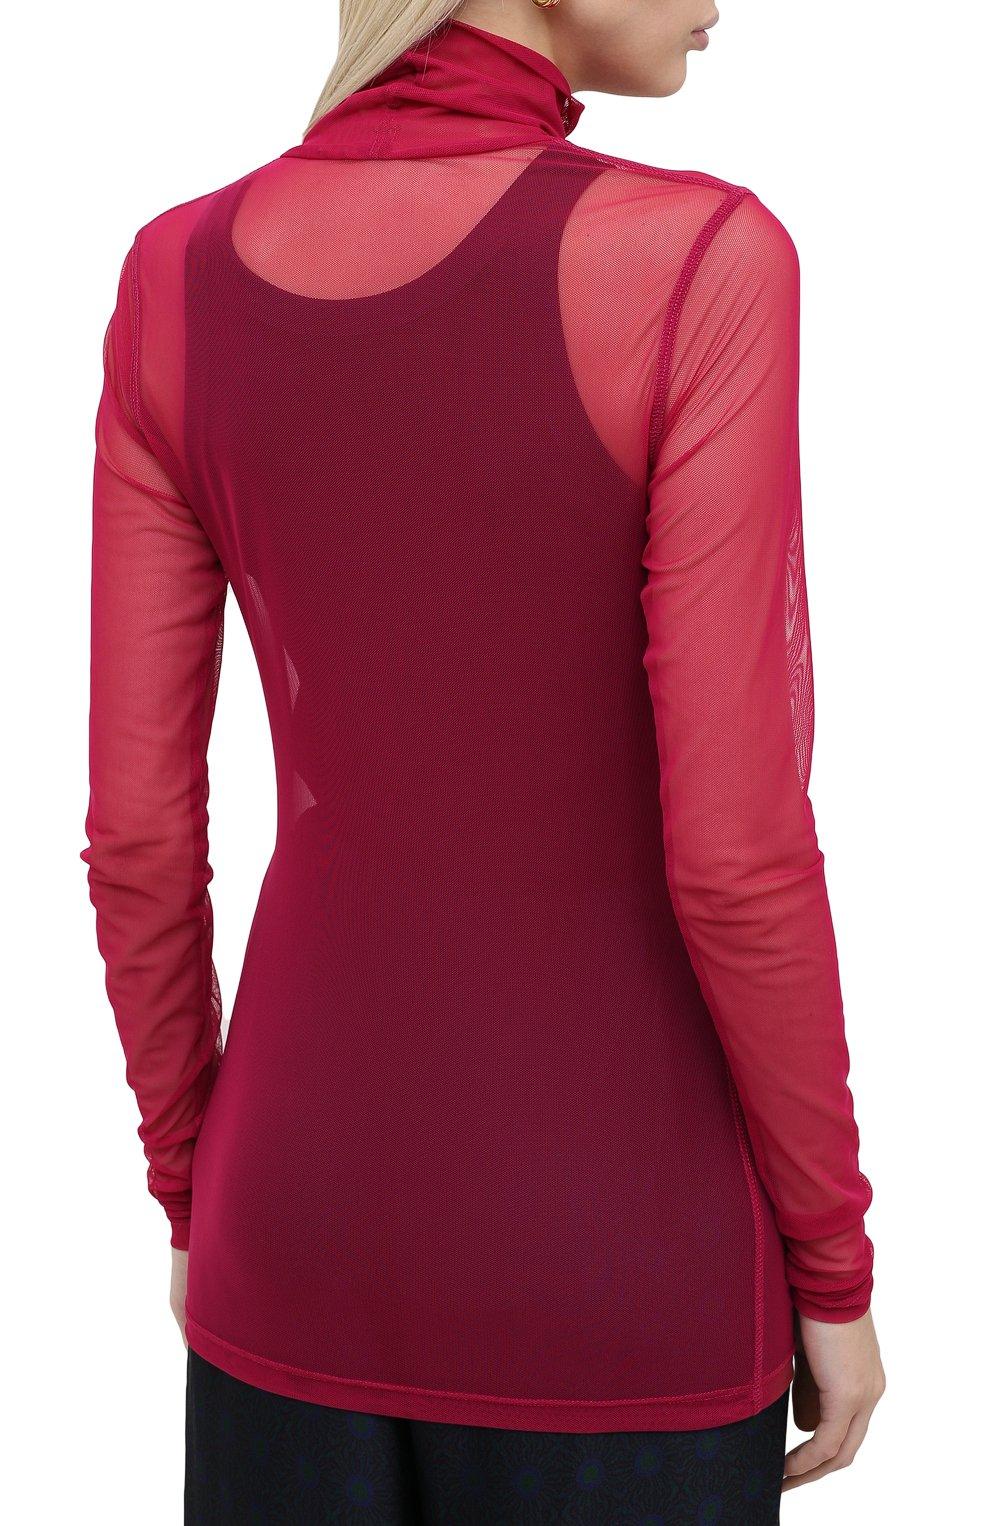 Женская водолазка DRIES VAN NOTEN фуксия цвета, арт. 202-11146-1202 | Фото 4 (Женское Кросс-КТ: Водолазка-одежда; Рукава: Длинные; Материал внешний: Синтетический материал; Длина (для топов): Удлиненные)